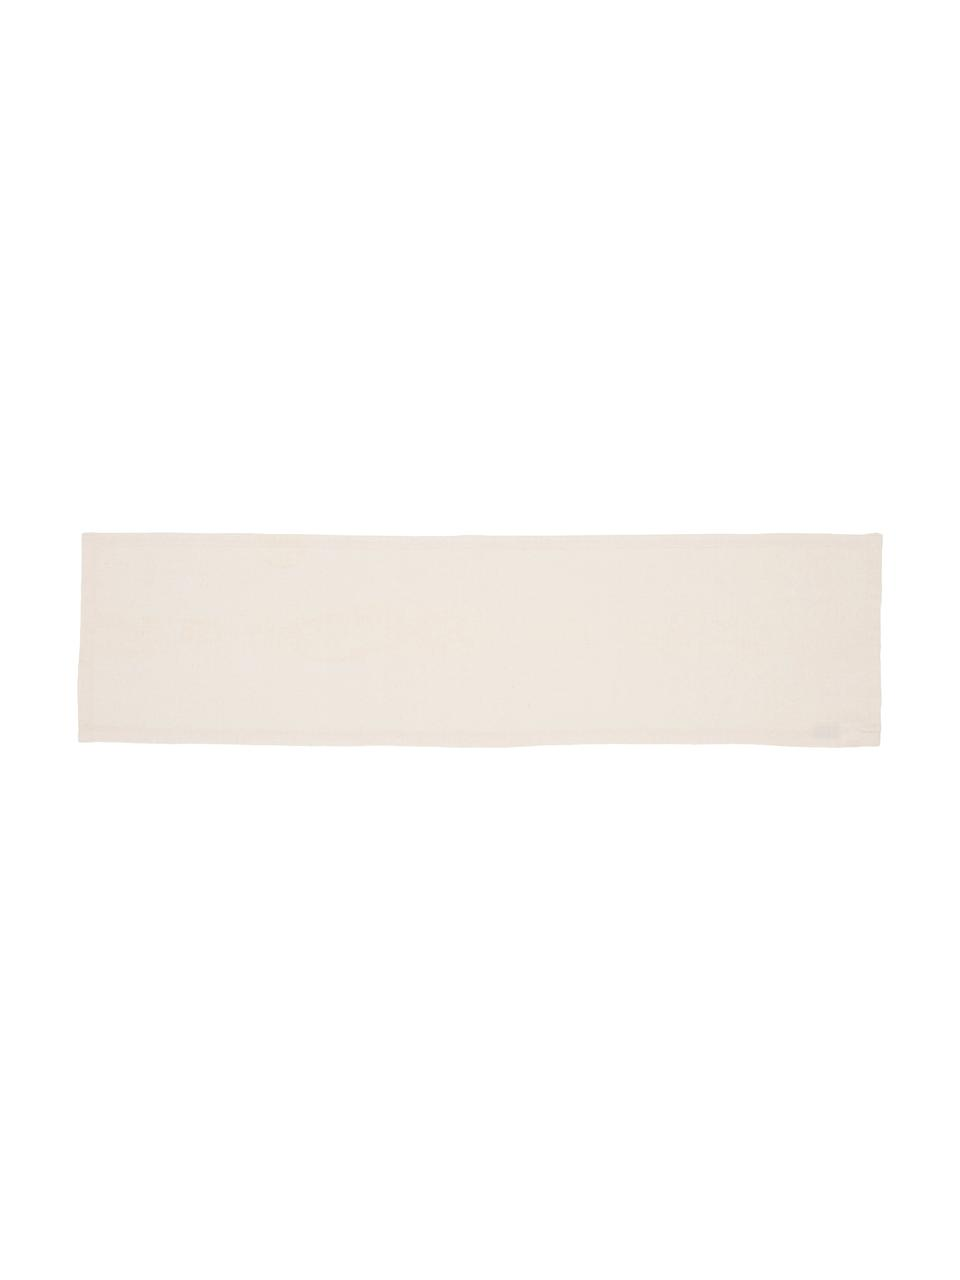 Tafelloper Riva van katoenmix in beige, 55%katoen, 45%polyester, Beige, 40 x 150 cm